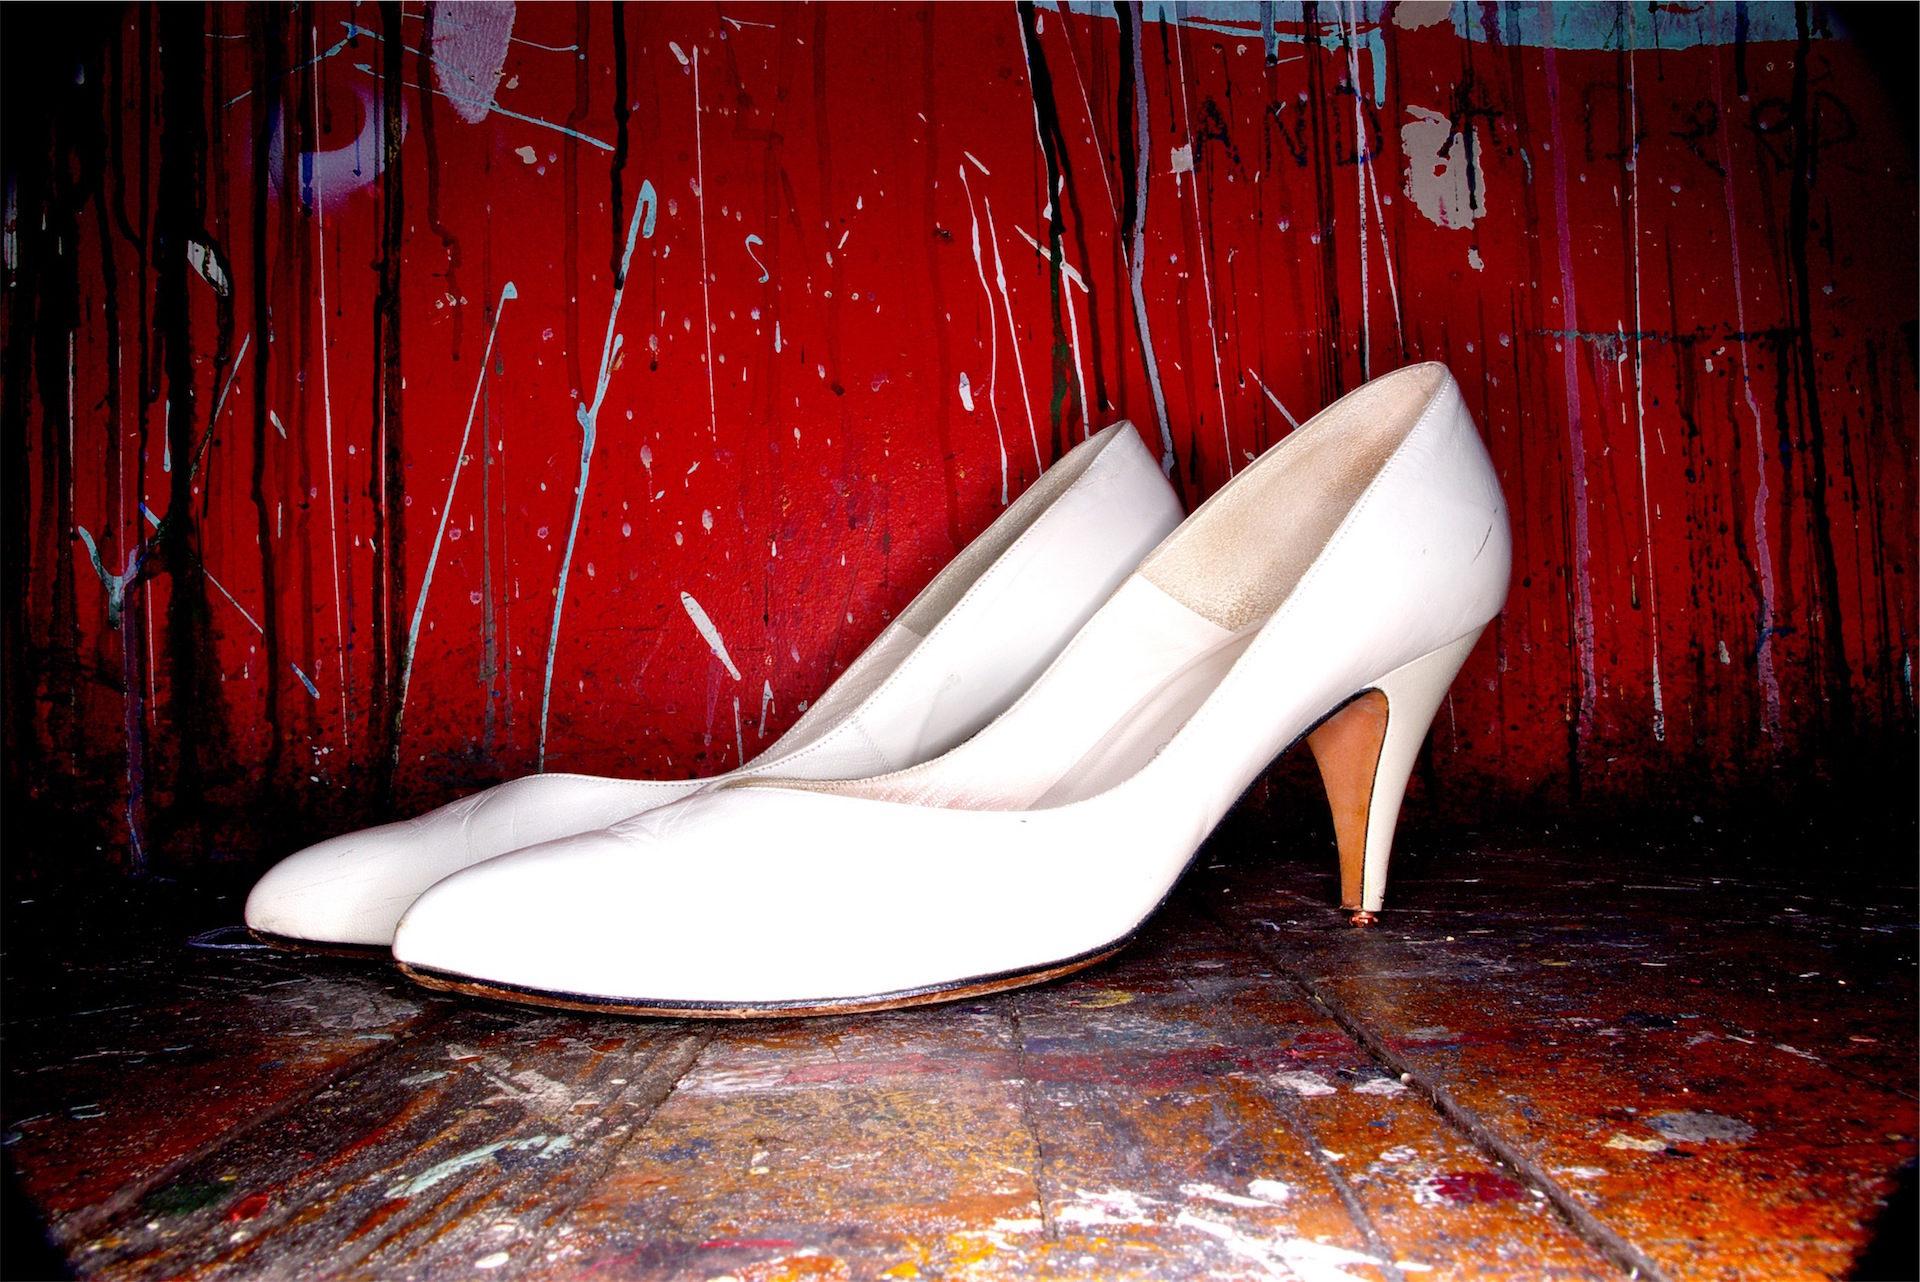 أحذية, الكعوب العالية, اللوحة, البقع, أبيض - خلفيات عالية الدقة - أستاذ falken.com